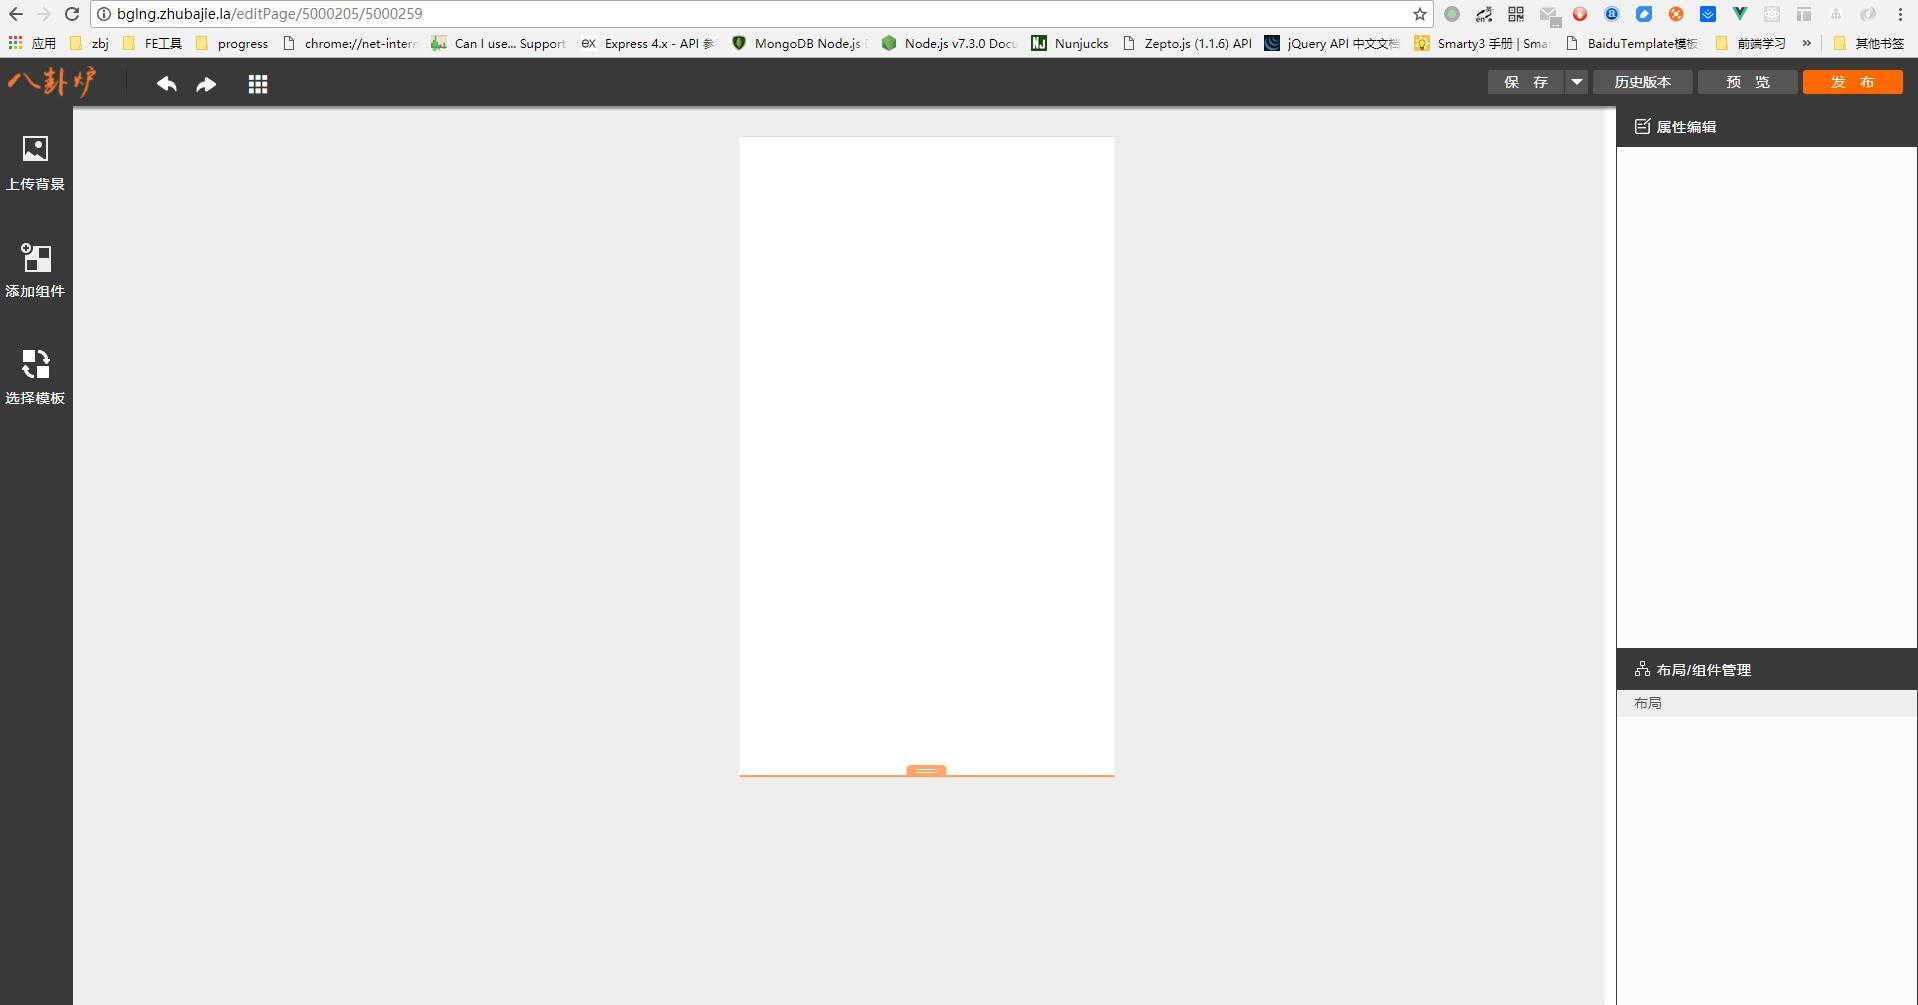 移动端编辑页